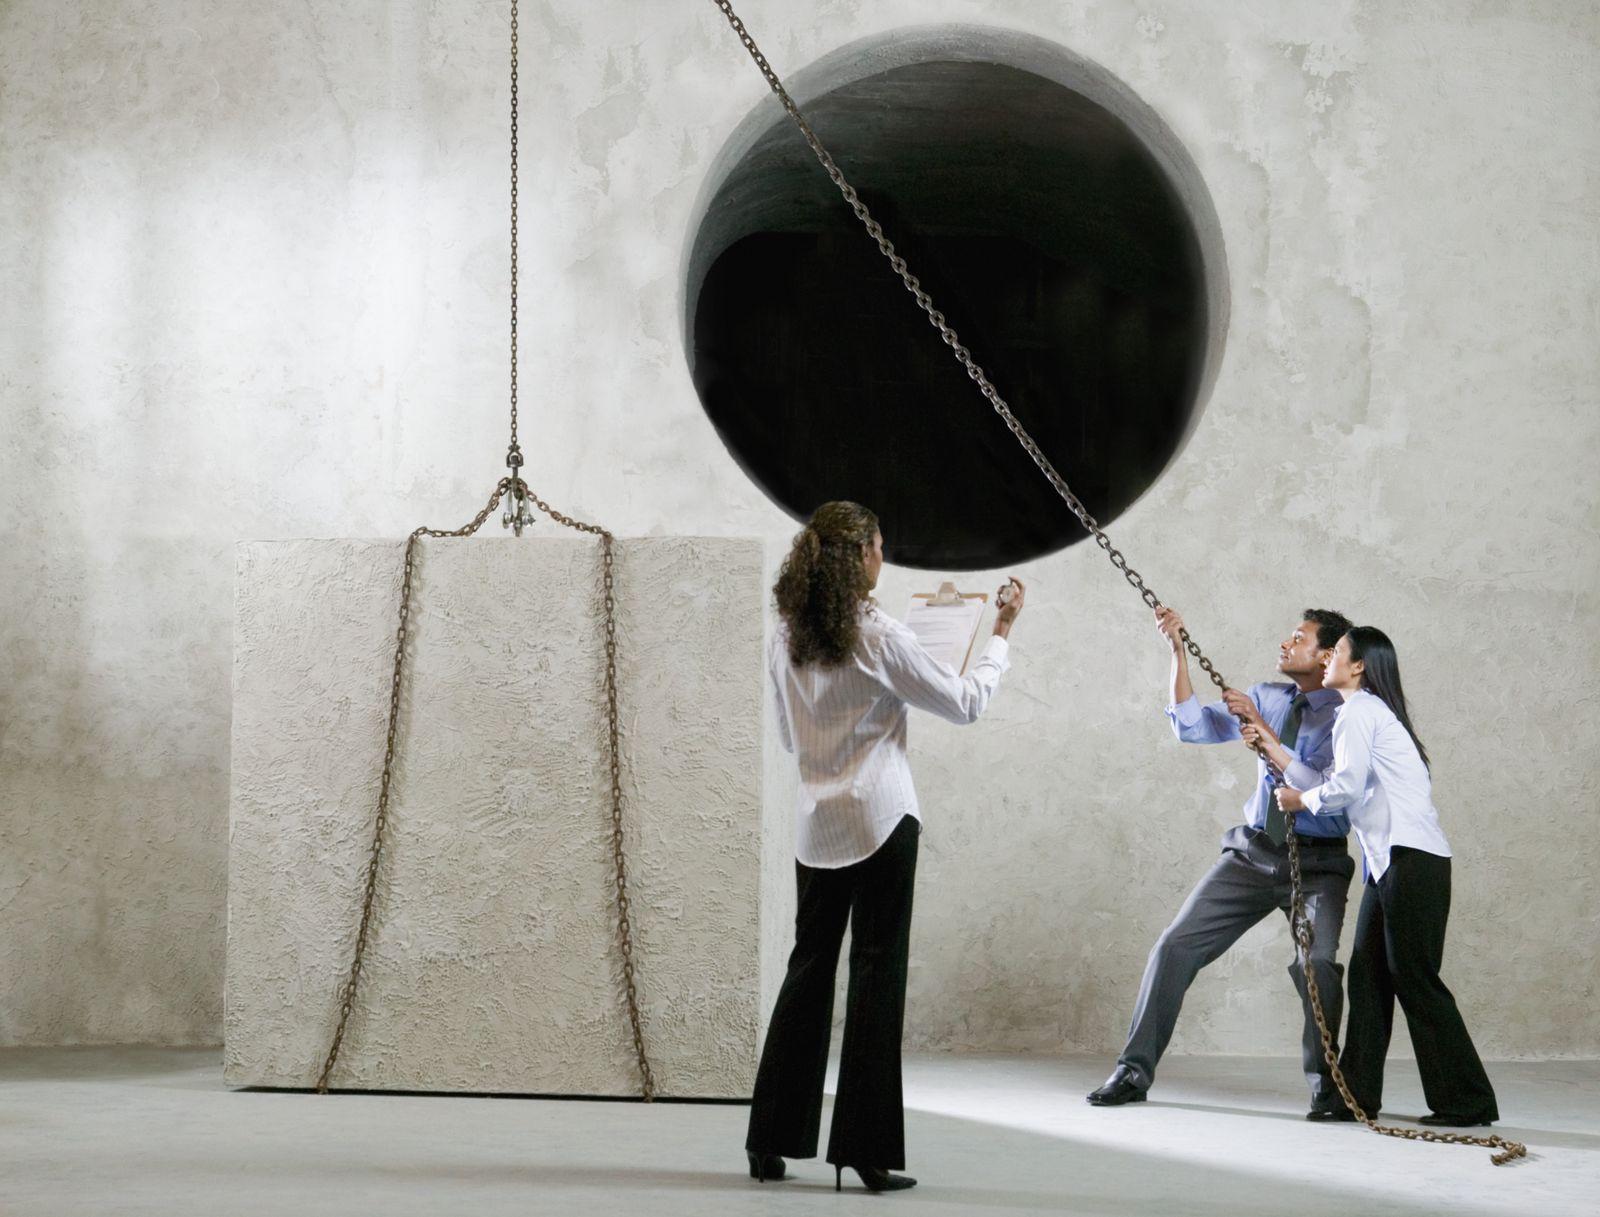 NICHT MEHR VERWENDEN! - Quadrat / Kreis / Teamarbeit